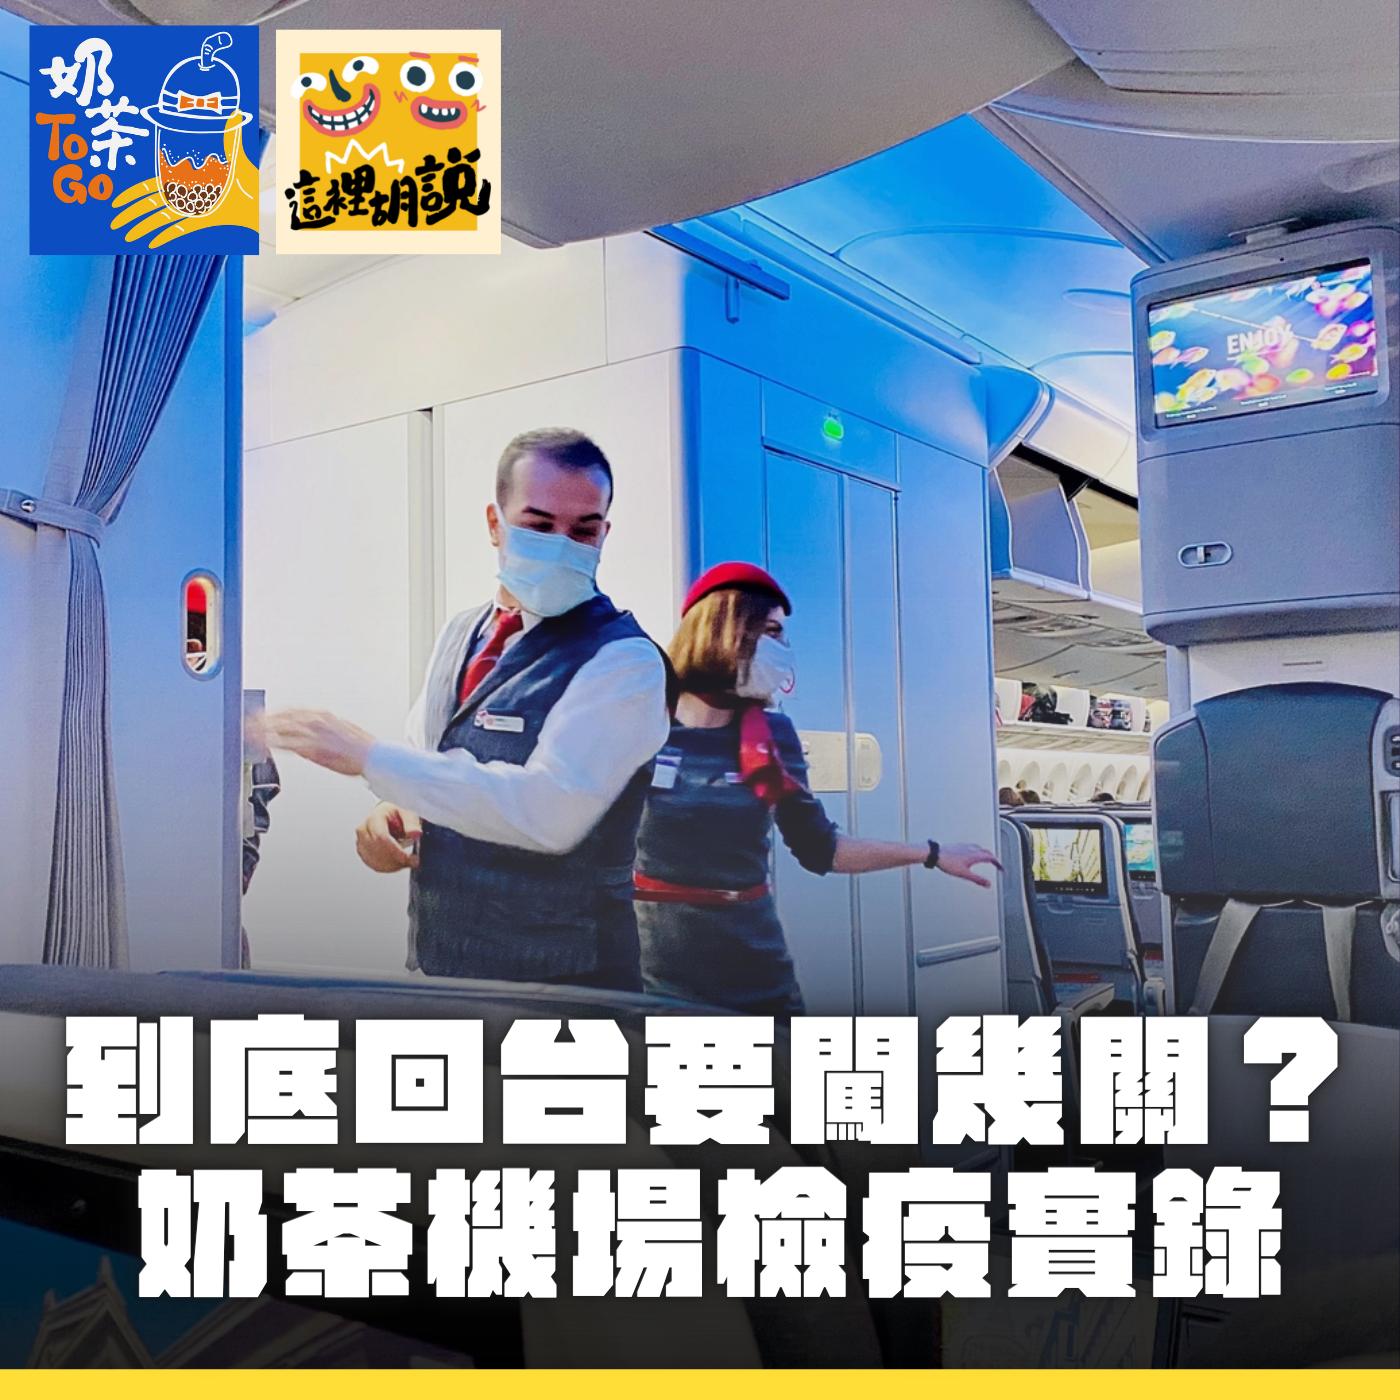 我的Podcast頻道: 超長完整版本記錄所有需要注意到的細節  布拉格出境前先吃飽 安檢在登機門前  布拉格起飛搭的是A319 奶茶覺得有點熱  土耳其機場真的很大 連遠端機坪很多個  機場跟航空公司其實是兩個不同單位  機場標示會讓人搞混  時間安排上要特別注意  奶茶這次回台灣飛是土航的787-9  結論是呼叫傑西查登機門  入境台灣的程序 很嚴謹很繁雜  關關難過關關過 有改善的空間  出發前要預先填寫  入境簡訊再把資料叫出來  領了行李不要忘記還有PCR檢驗  Powered by Firstory Hosting